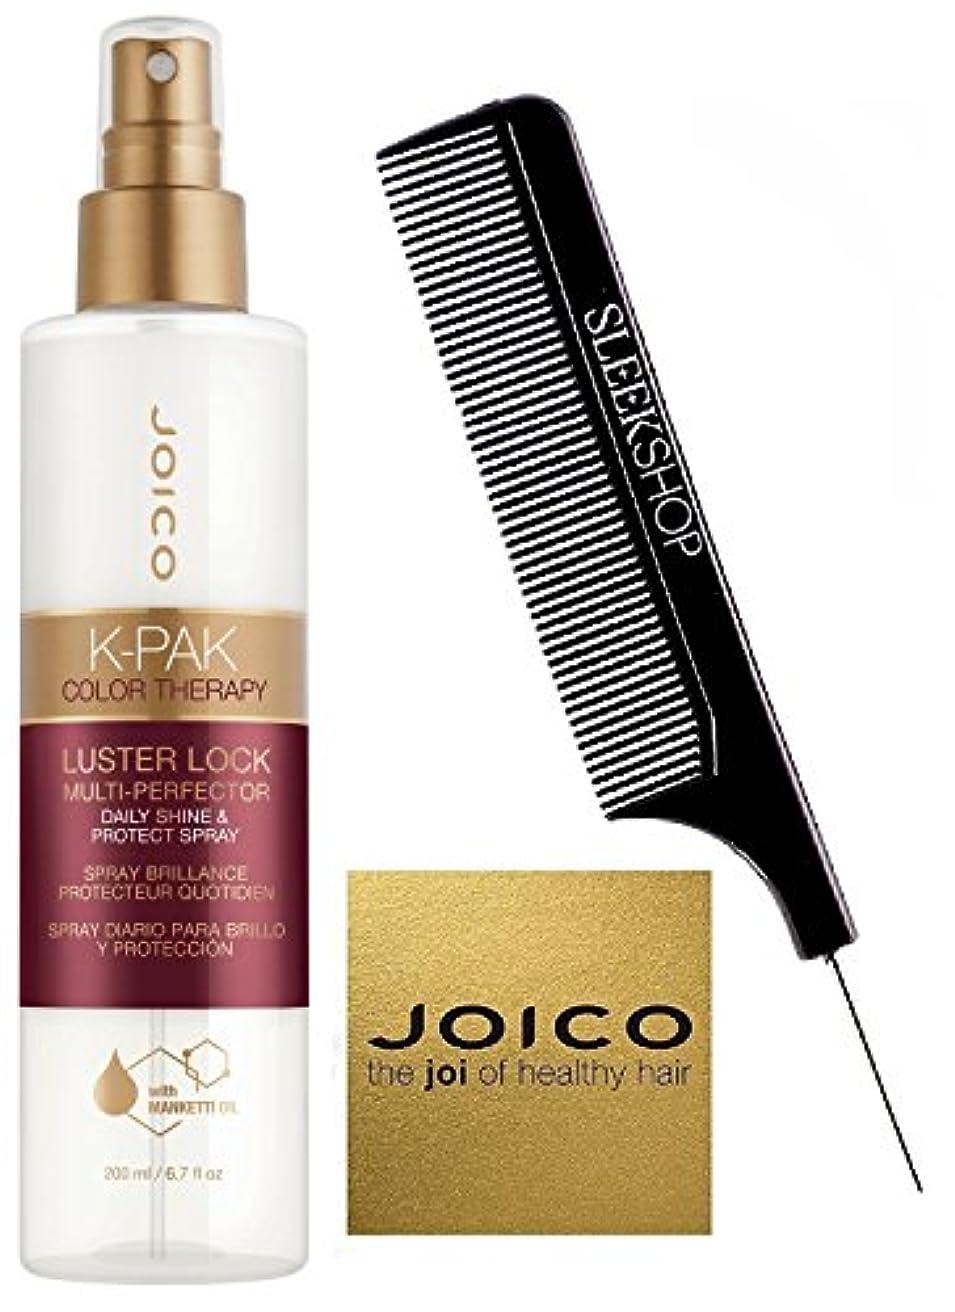 下に瞳不和Joico K-PAK Color Therapy Luster Lock マルチパーフェク(流線型スチールピンテール櫛で)マンケッティ油で毎日磨き&プロテクトスプレー(200ミリリットル/ 6.7オンス) 200ミリリットル/ 6.7オンス